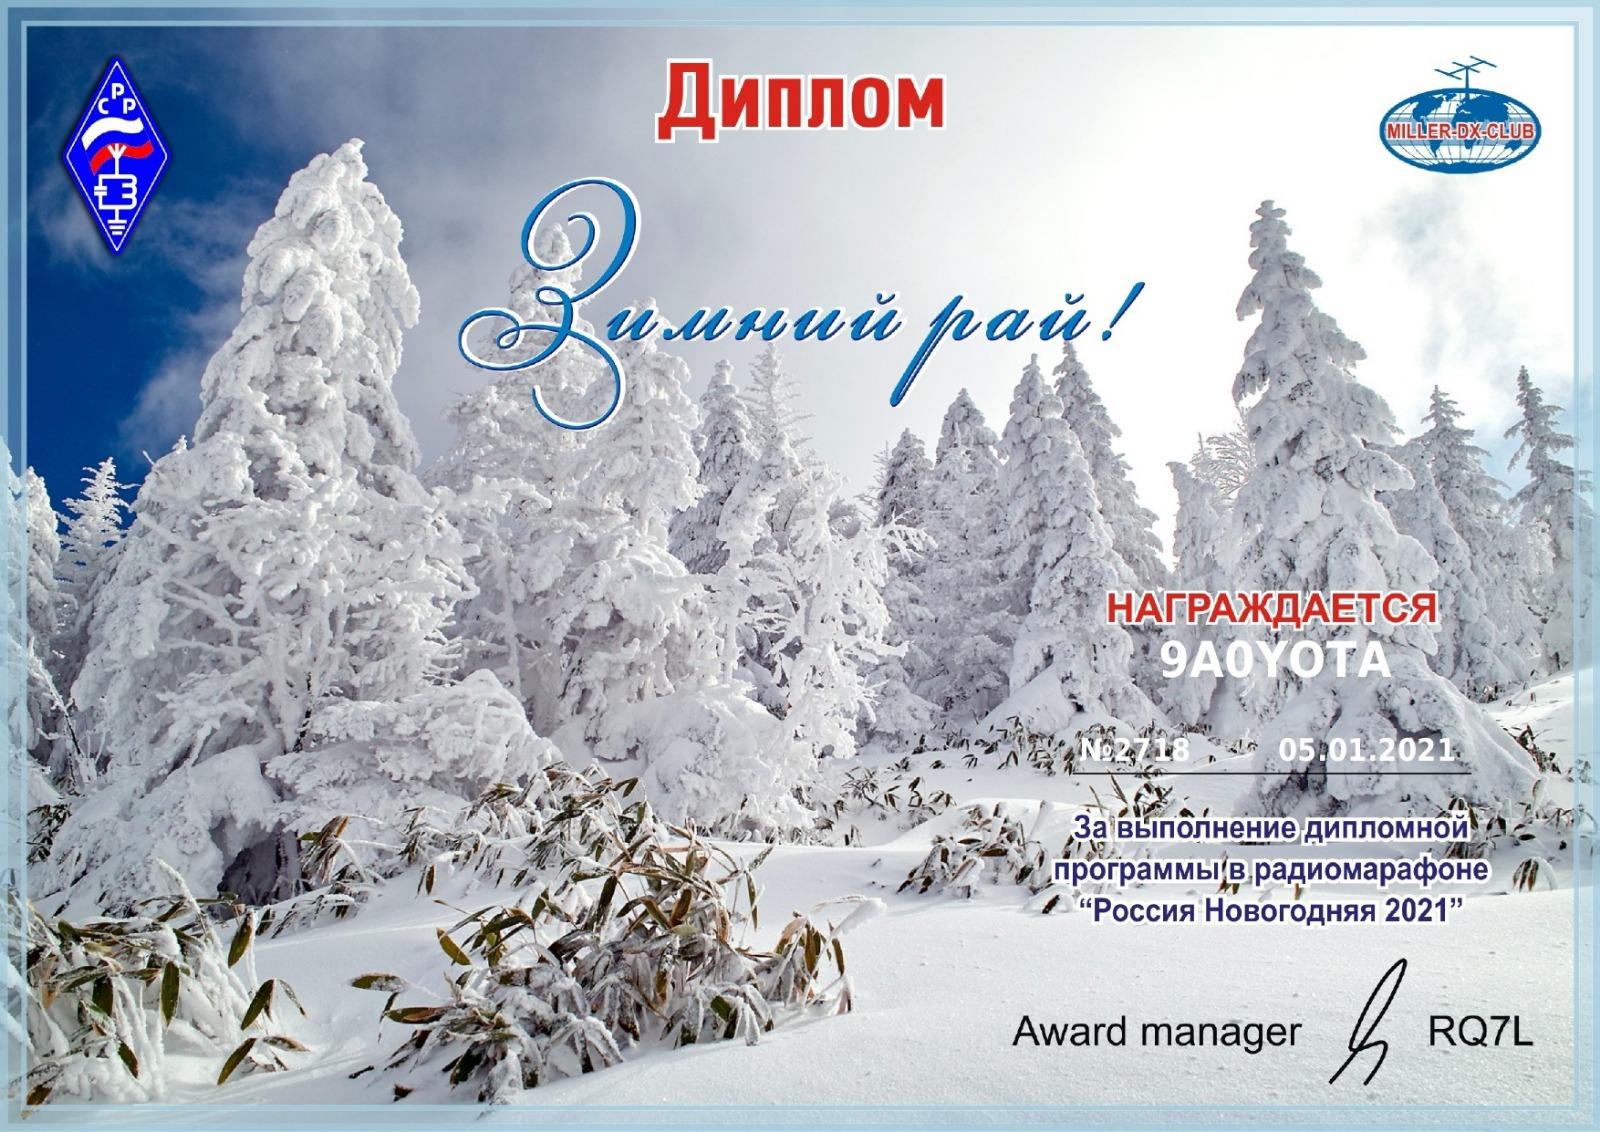 Rusya award 1